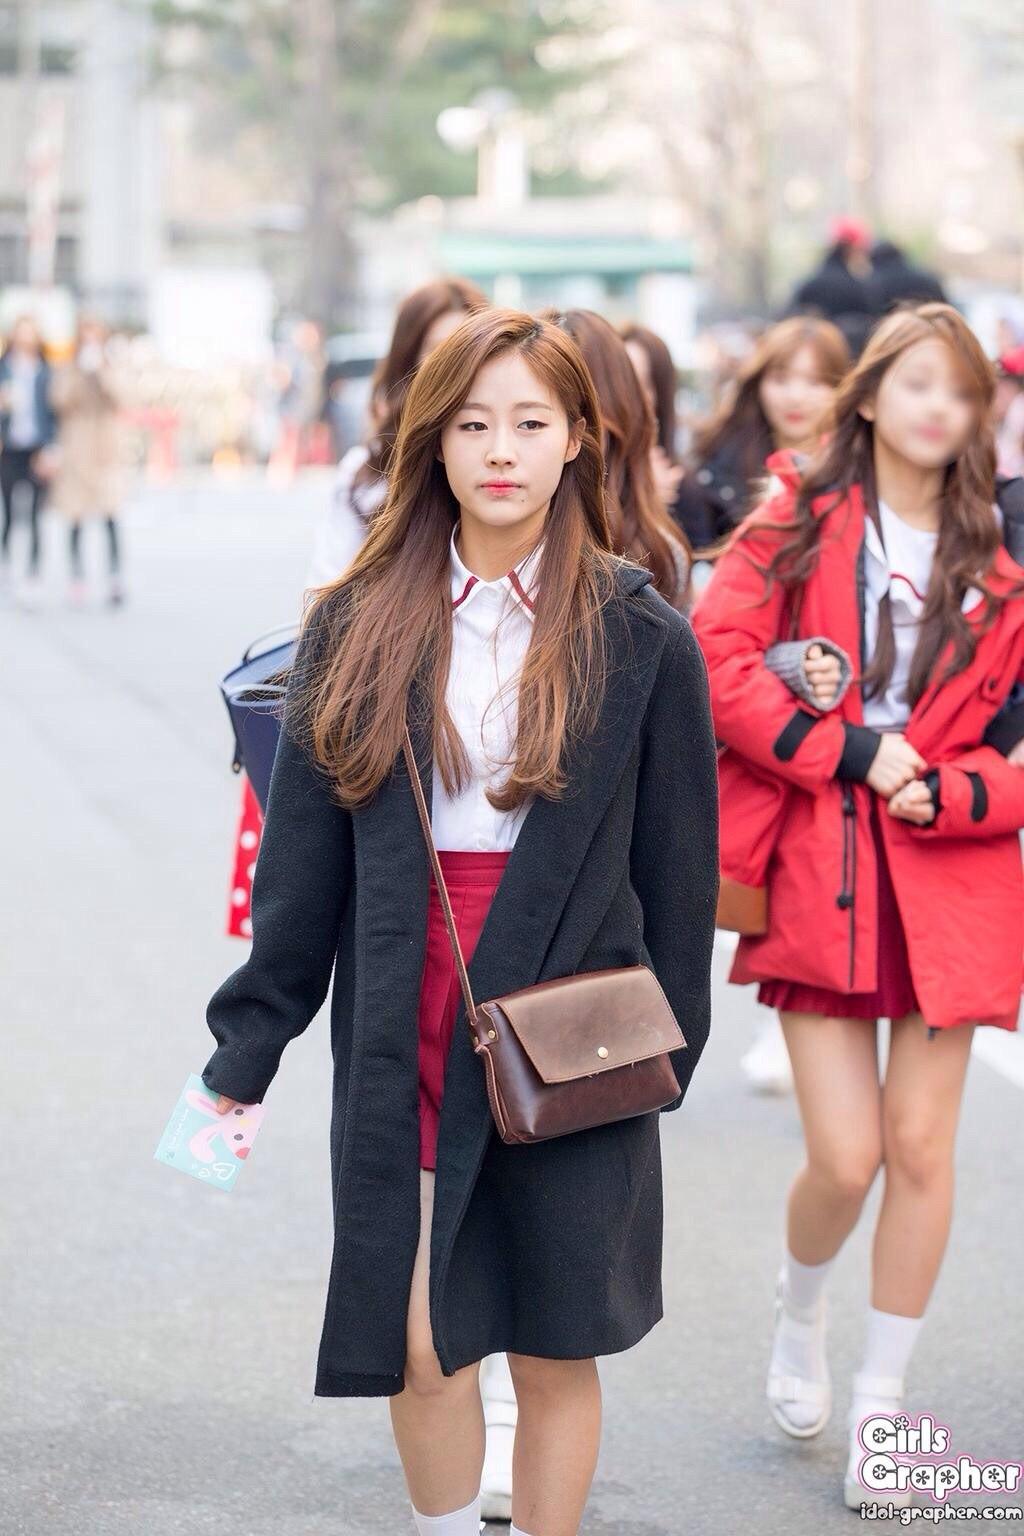 Cao ba mét bẻ đôi nhưng idol Kpop lúc nào cũng mặc đẹp vì thủ sẵn những bí kíp sau - Ảnh 4.